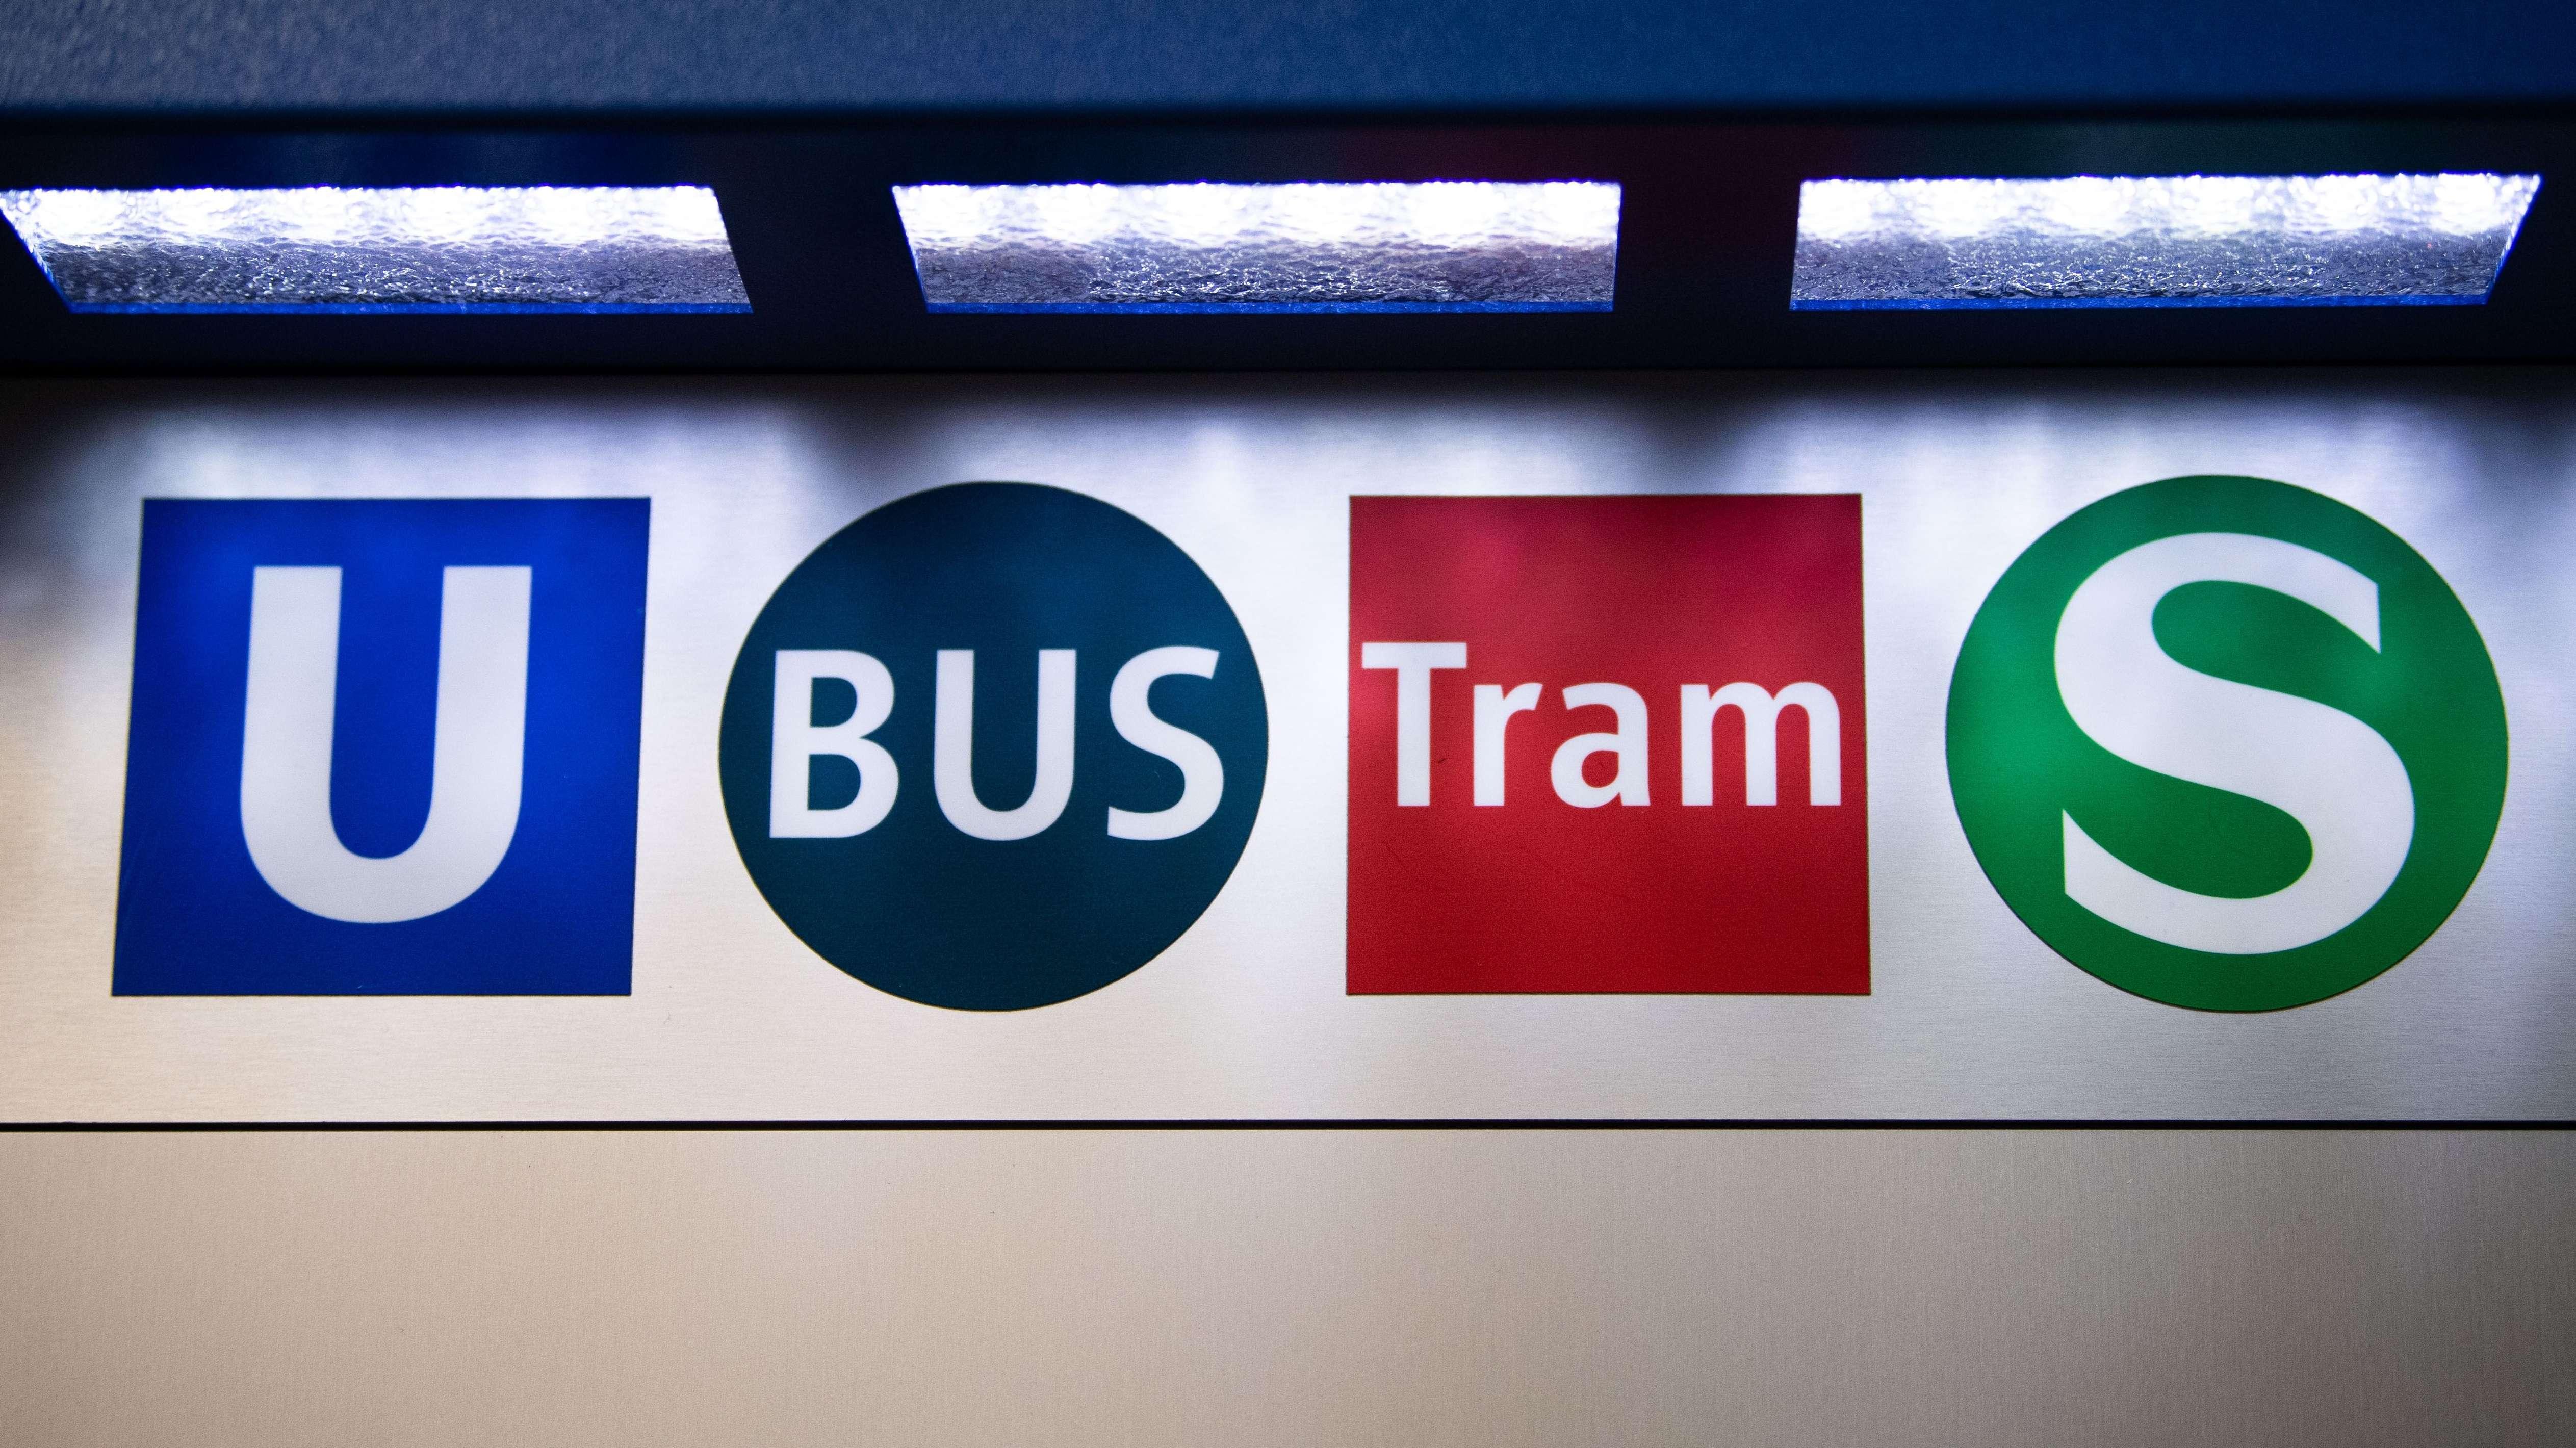 Blick auf Logos des öffentlichen Nahverkehrs auf einem Ticketautomaten der Münchener Verkehrs Gesellschaft (MVG)